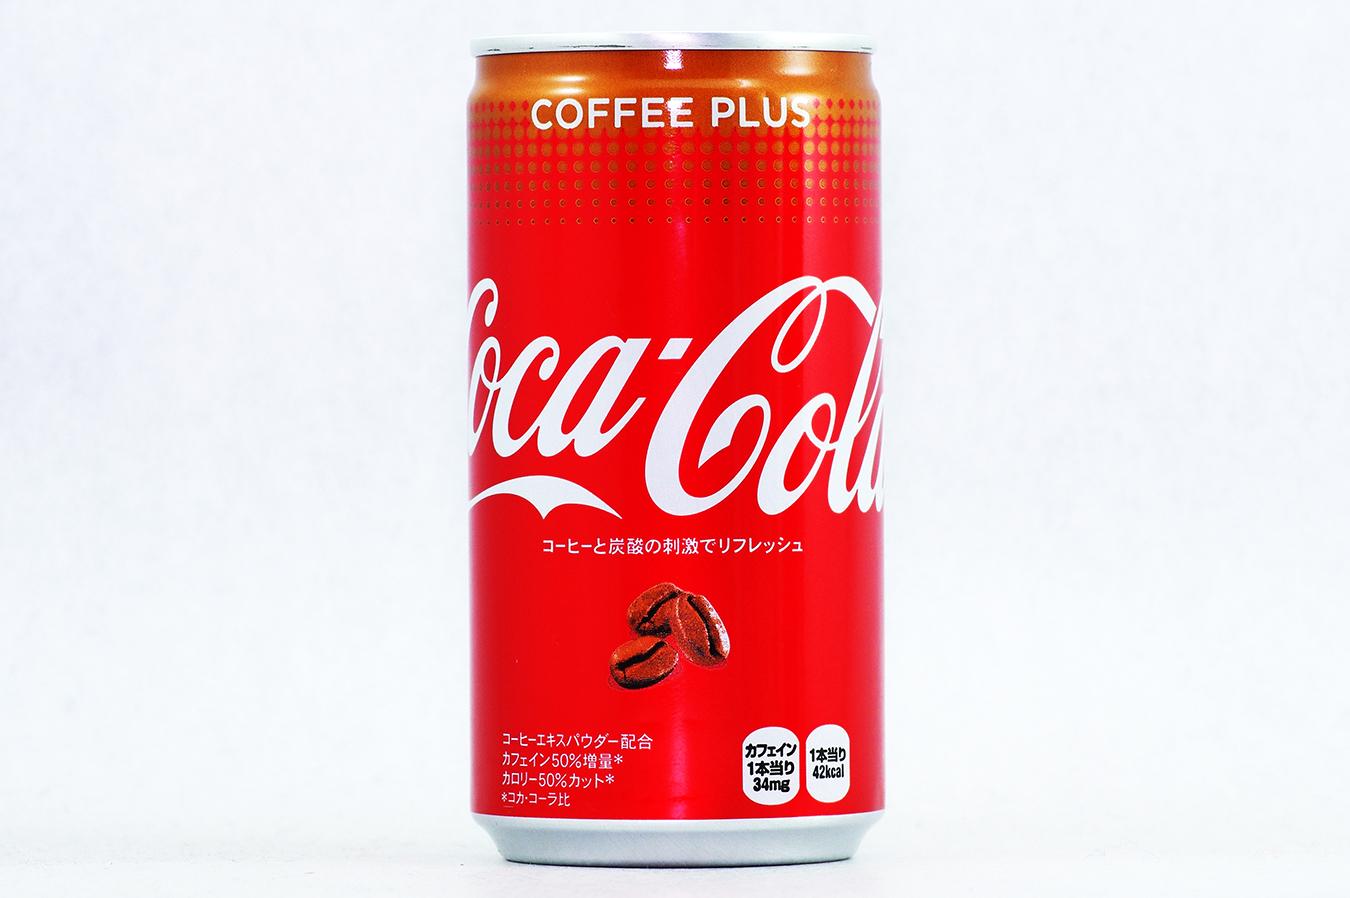 コカ・コーラ コーヒー プラス 2017年9月